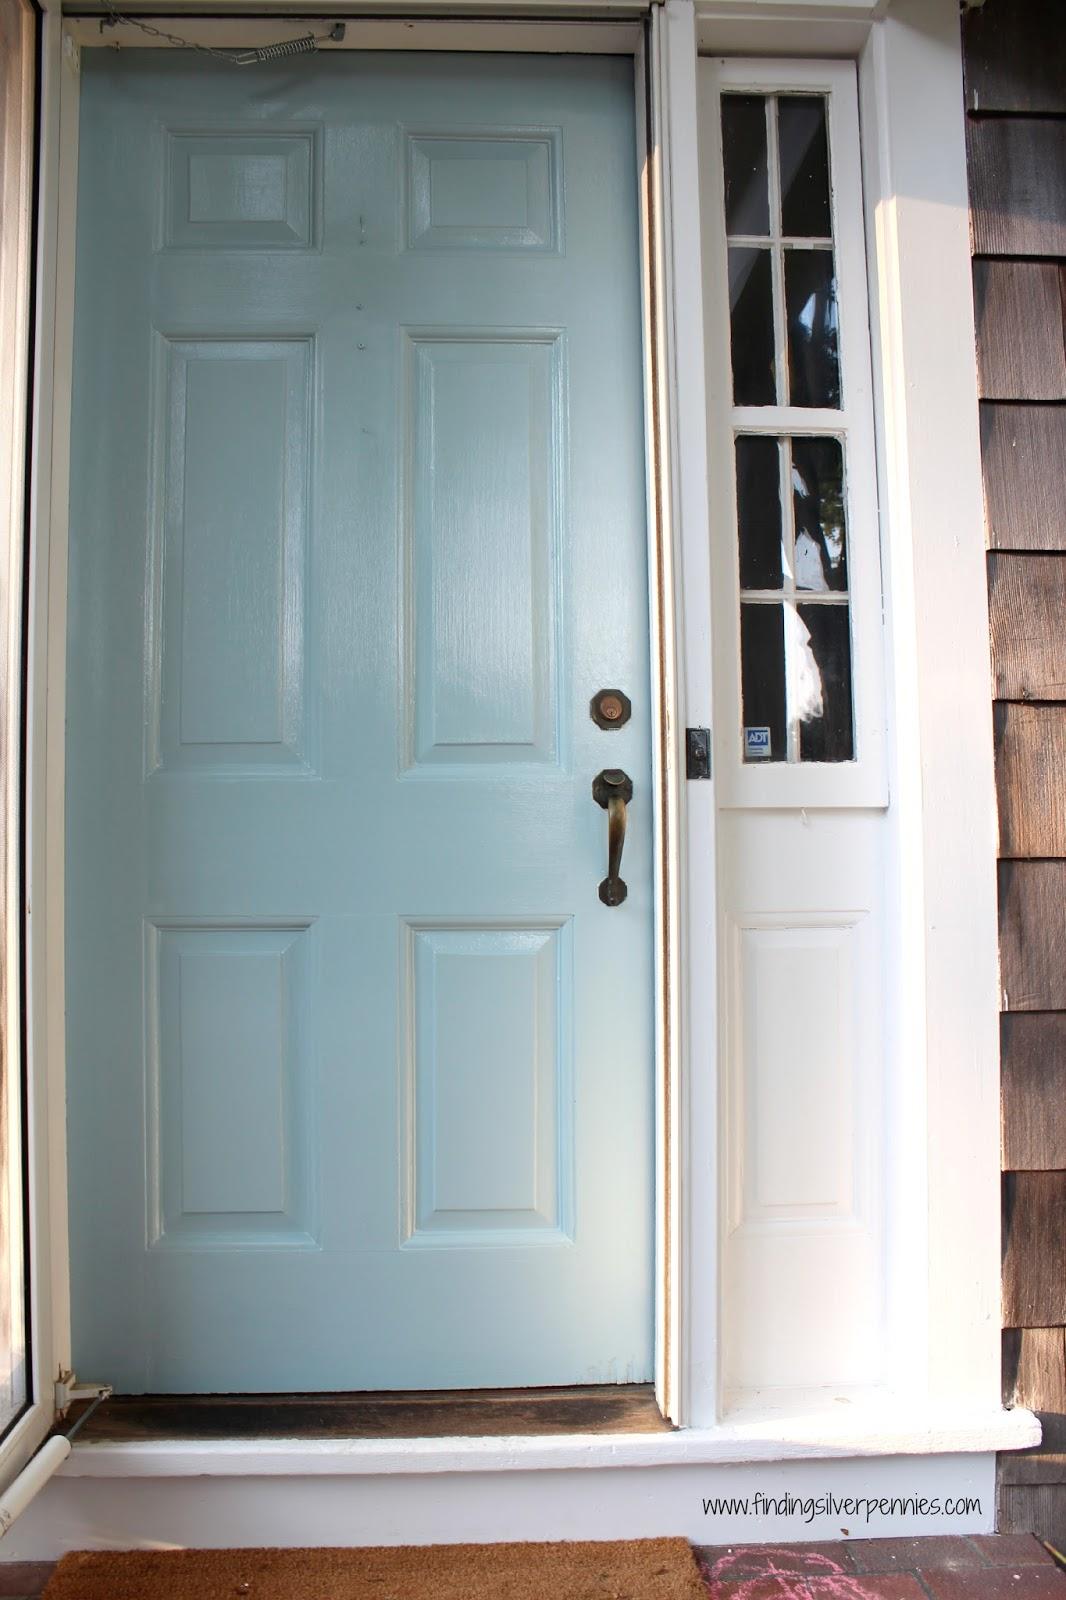 Exterior Door Colors: Finding Silver Pennies